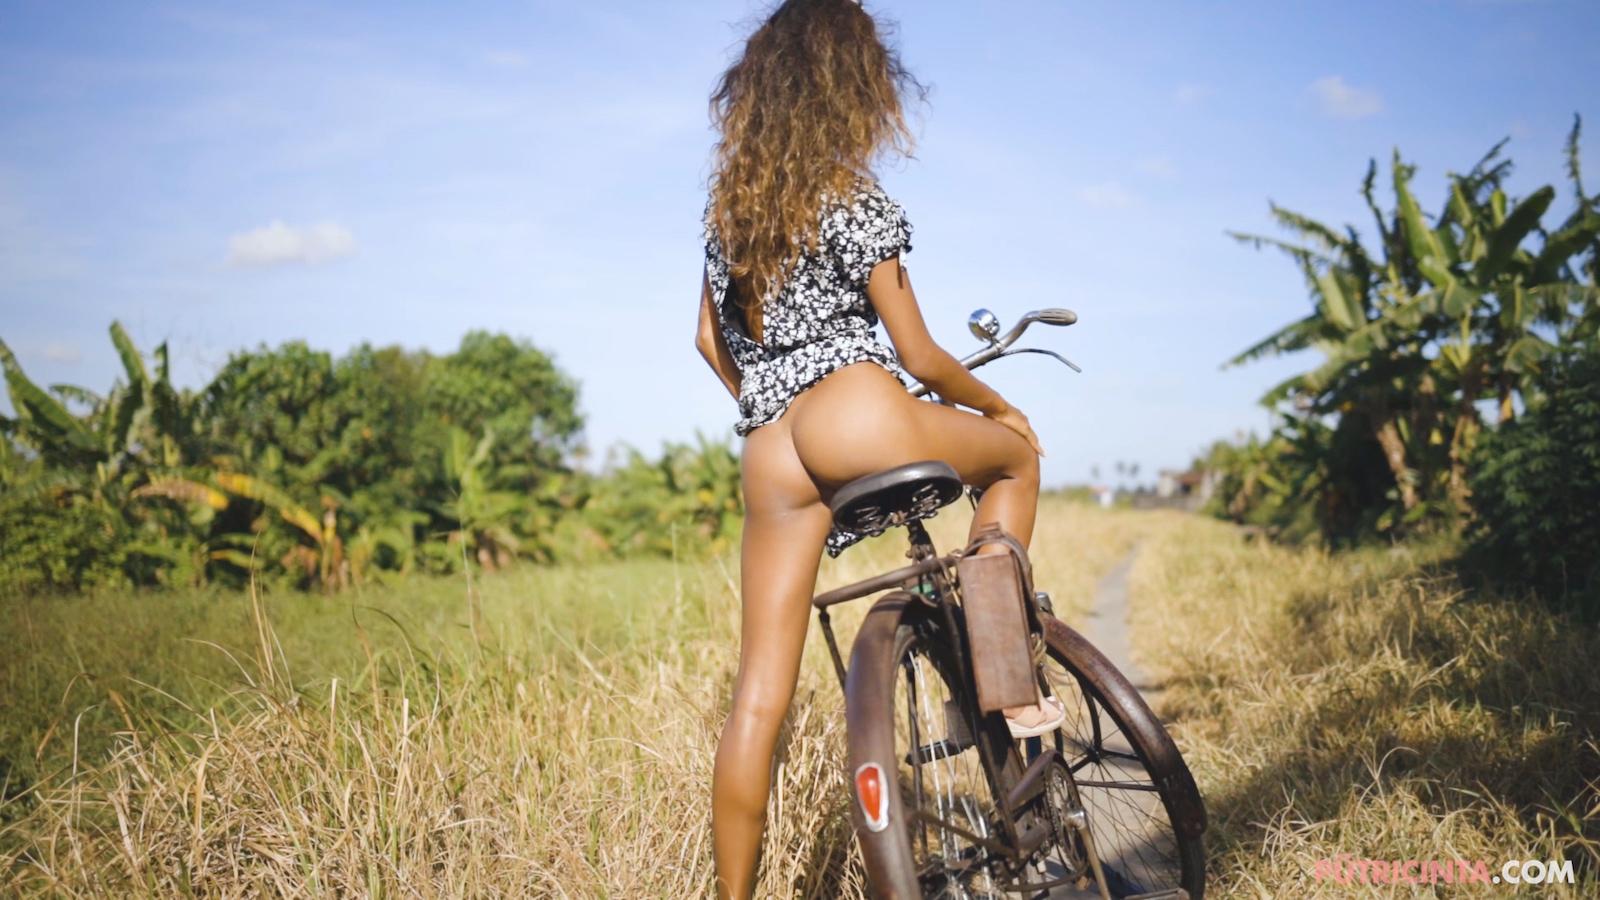 024-cyclingcommando-Putri-Cinta-Mainvid-stills-20.jpg